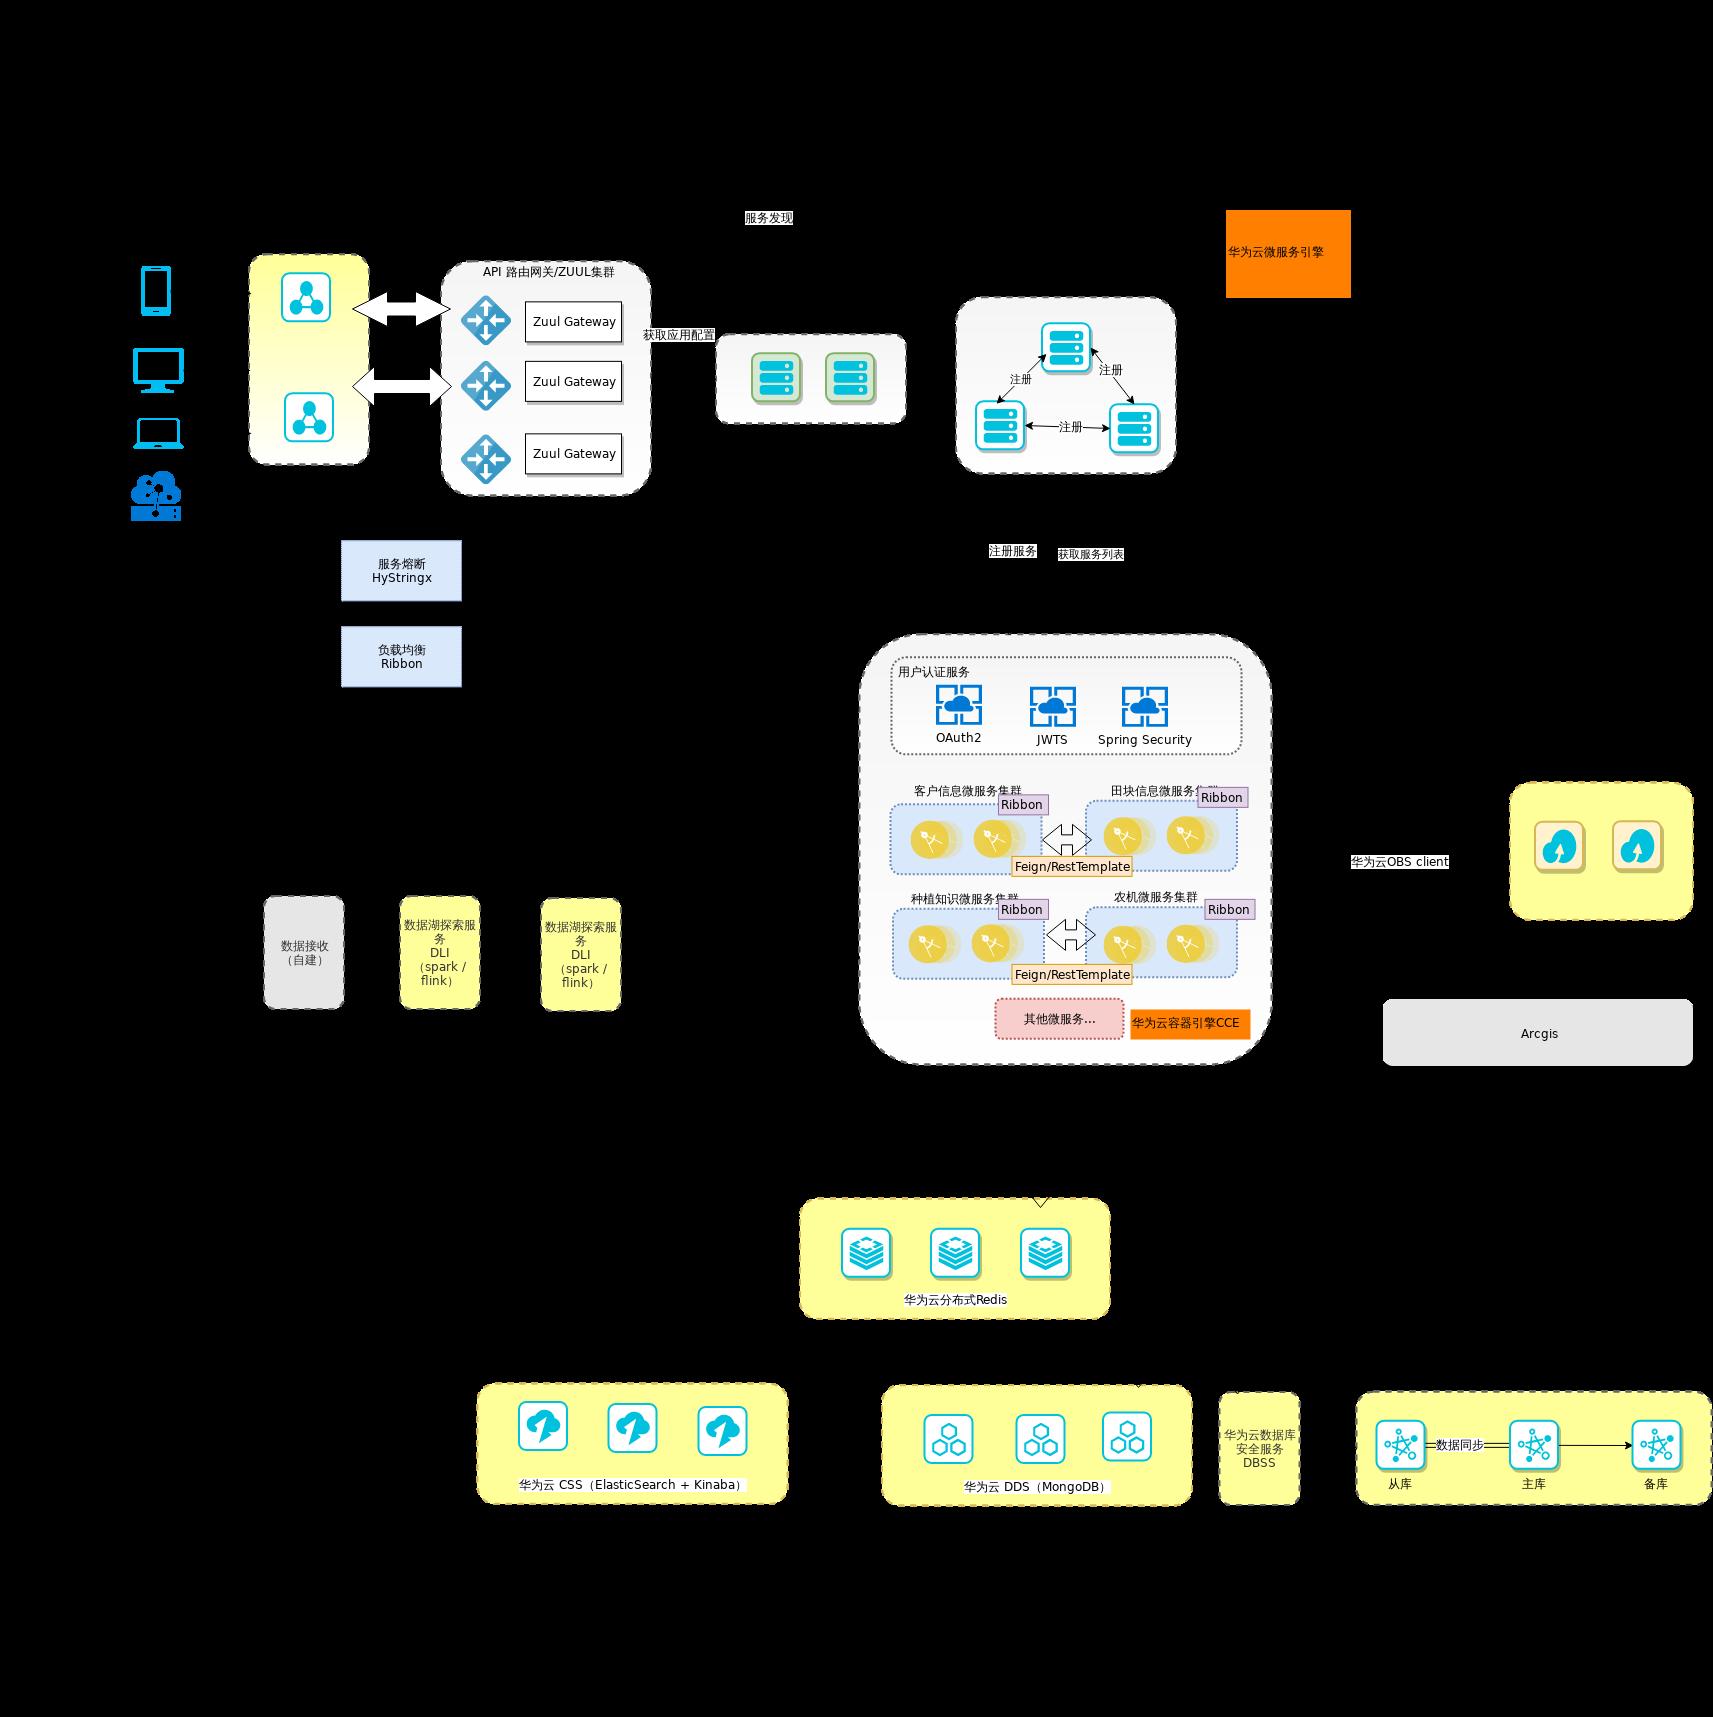 数溪系统架构建议-技术架构.xml